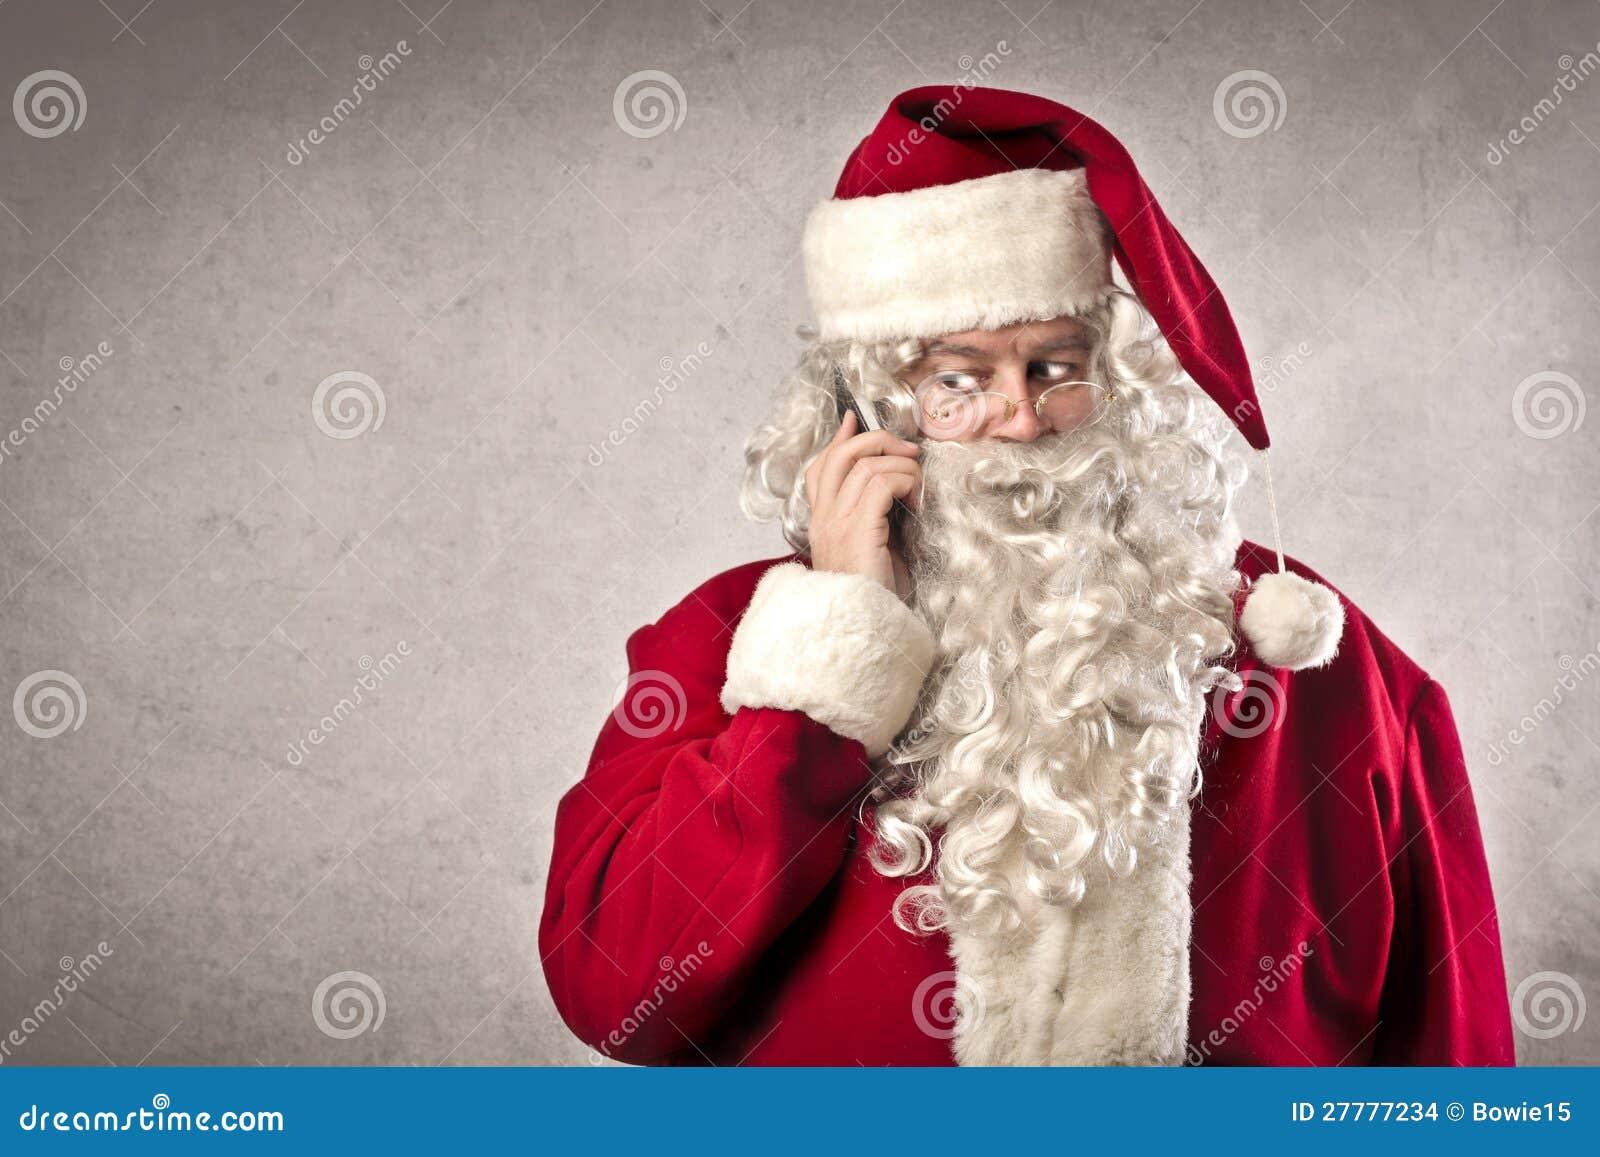 Videochiamata Babbo Natale.Chiamata Del Babbo Natale Fotografia Stock Immagine Di Cellula